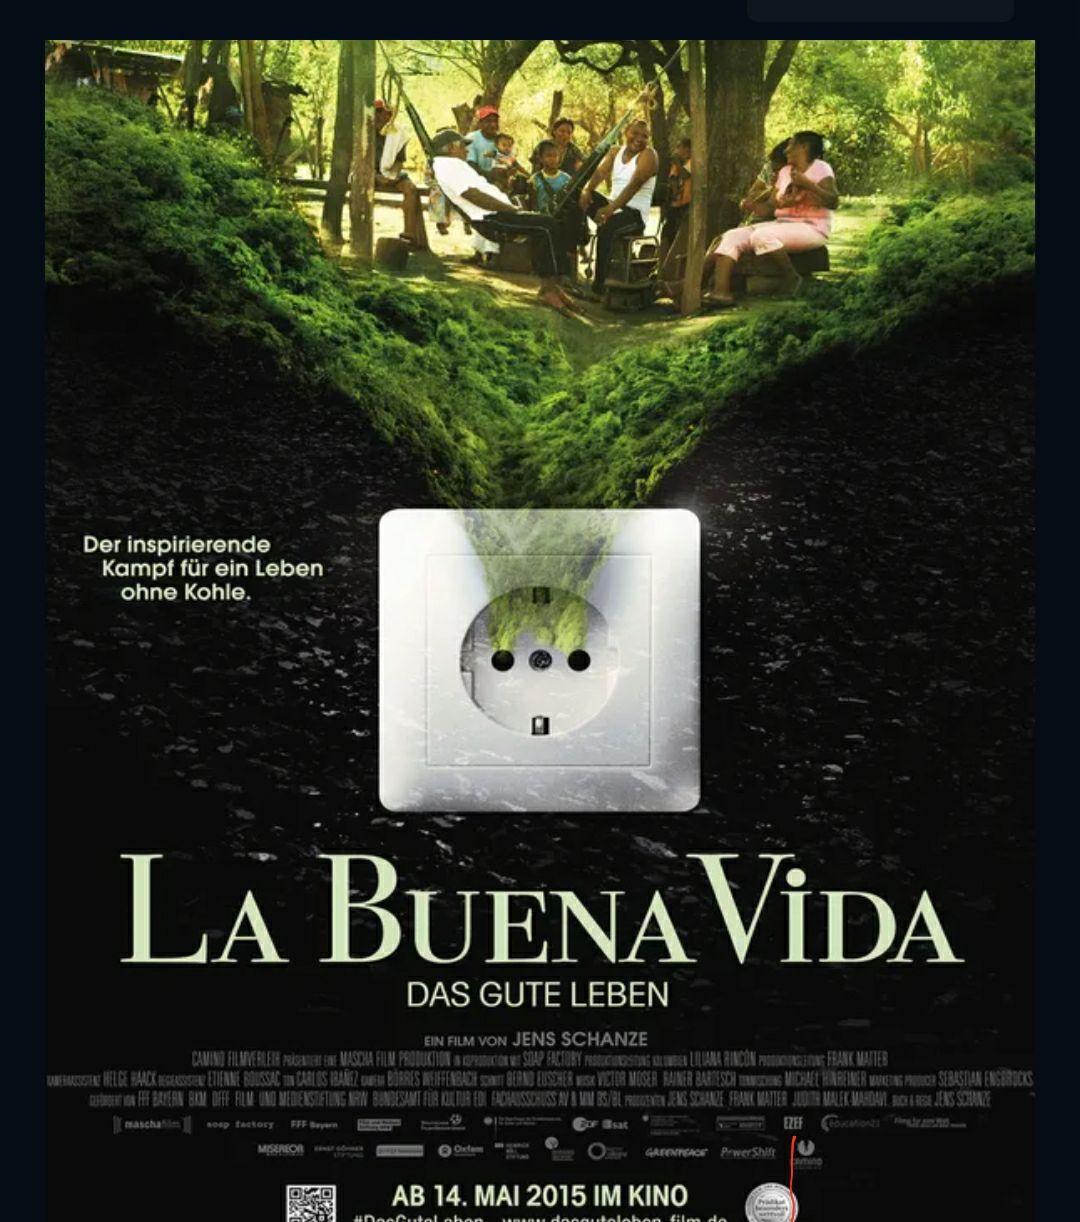 """[3Sat Mediathek] Prämierte Dokumentation """"La buena vida - Das gute Leben"""" kostenlos streamen [IMDb 8.2]"""